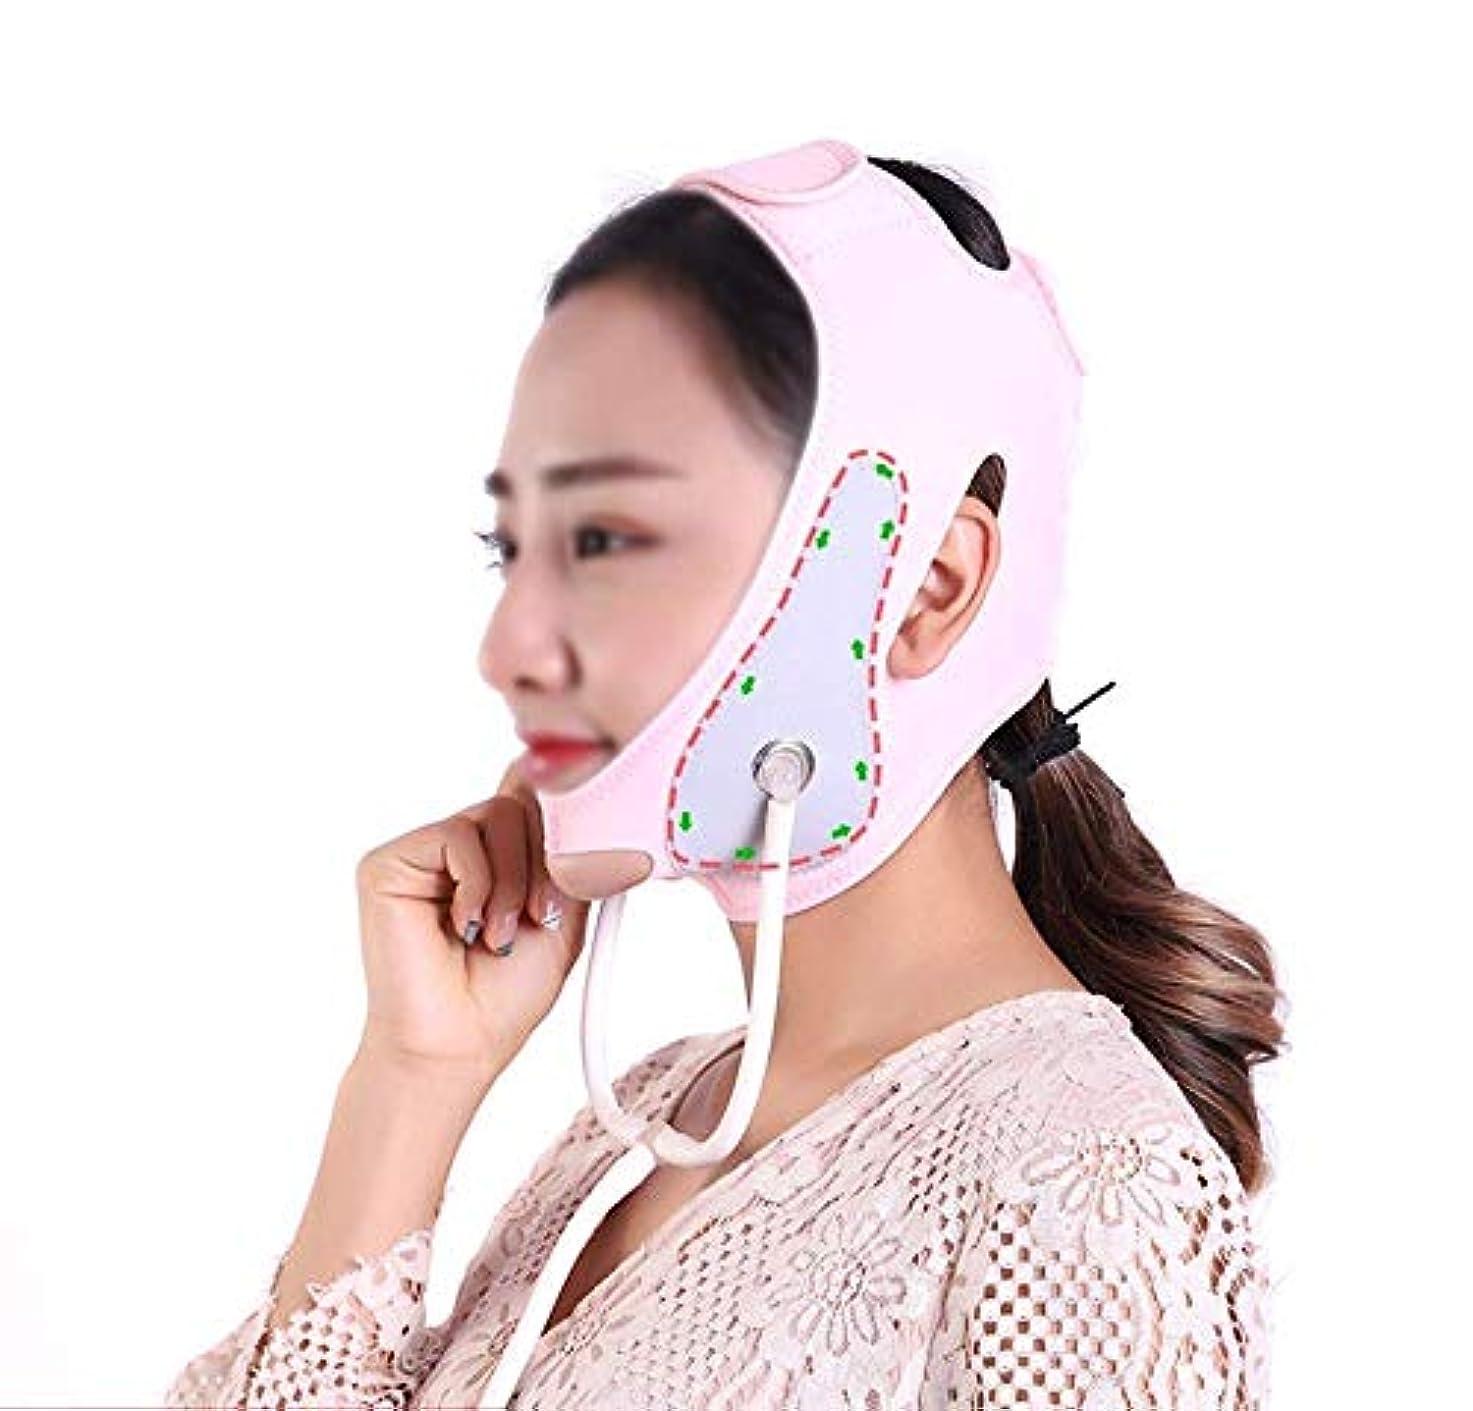 みなさん信頼性のある四半期フェイスアンドネックリフトポストエラスティックスリーブ薄いフェイスマスク引き締め肌の改善咬筋リフティング収縮薄いフェイス弾性包帯Vフェイスアーティファクト